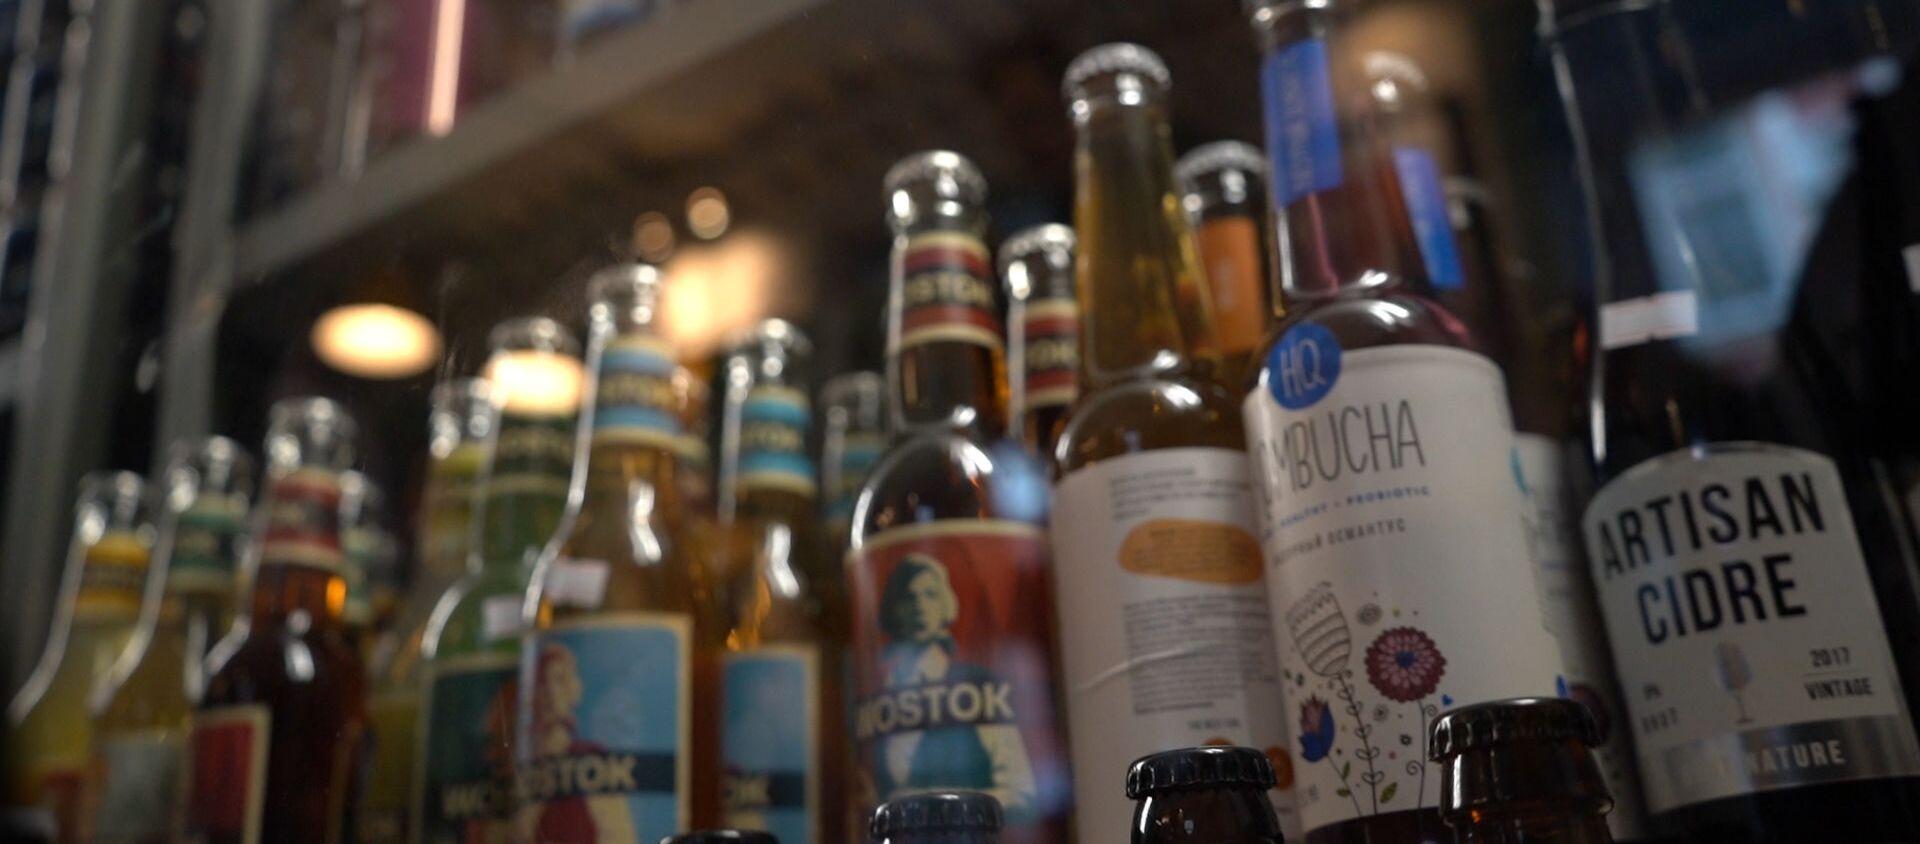 Polskie piwa kraftowe podczas rosyjskiego festiwalu BigCraftDay 2019 - Sputnik Polska, 1920, 07.06.2019